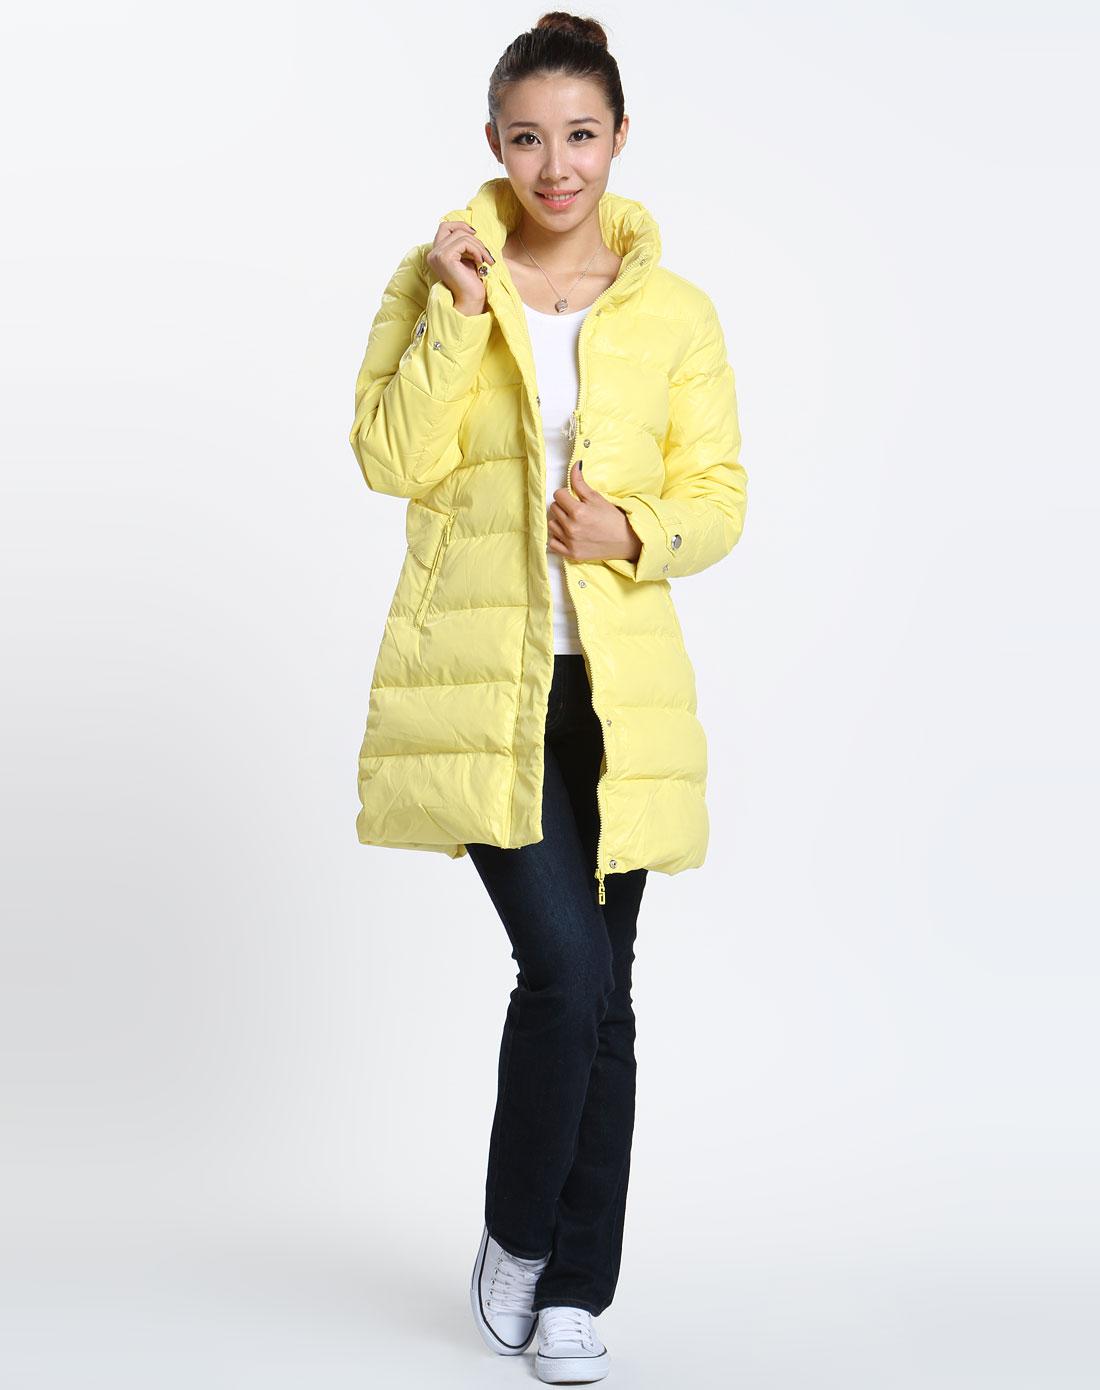 男女装混合库存专场-森马 女款淡黄色时尚长袖羽绒服图片